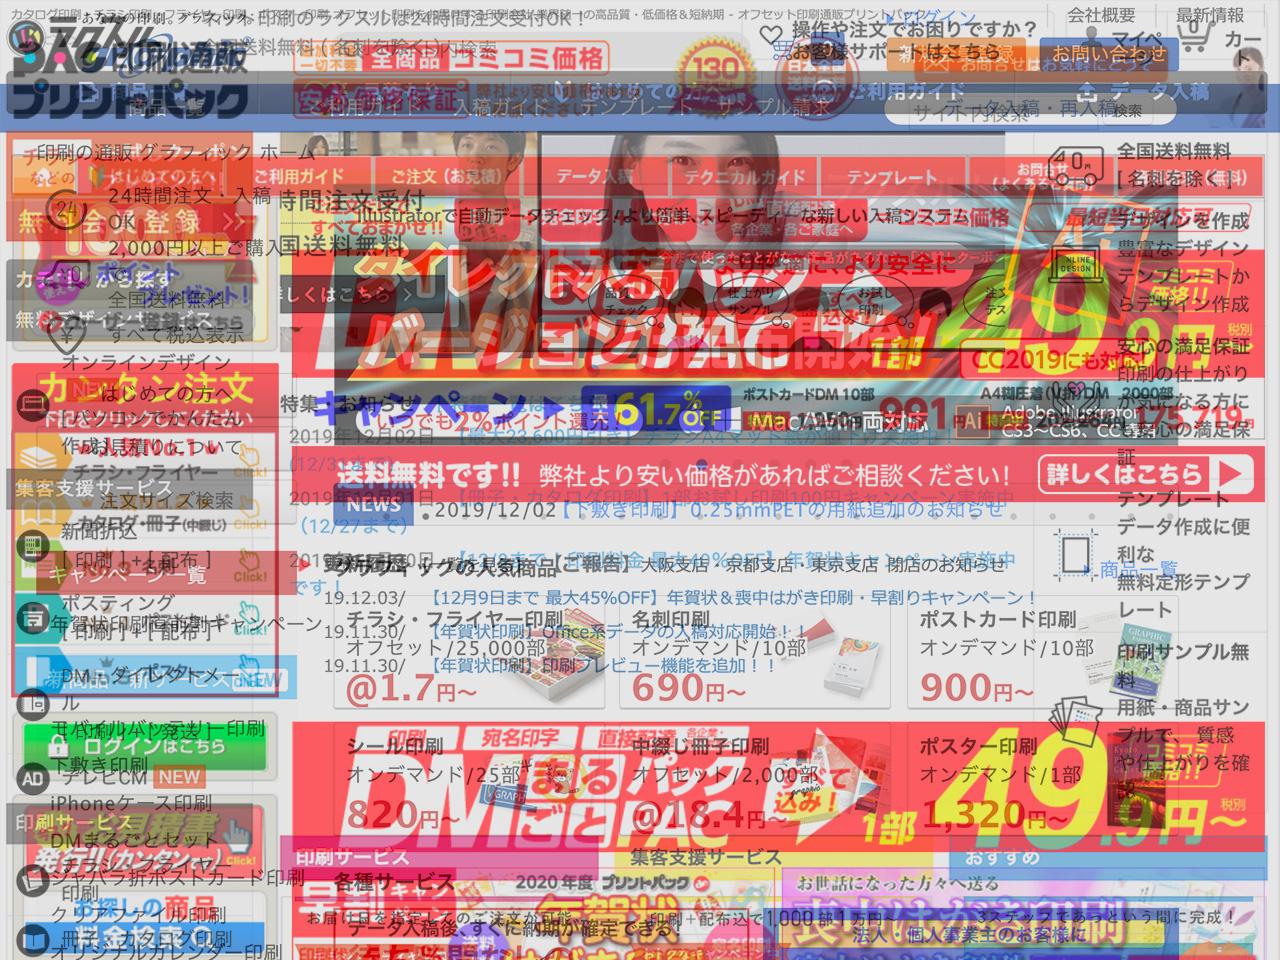 インターネット印刷通販イメージ